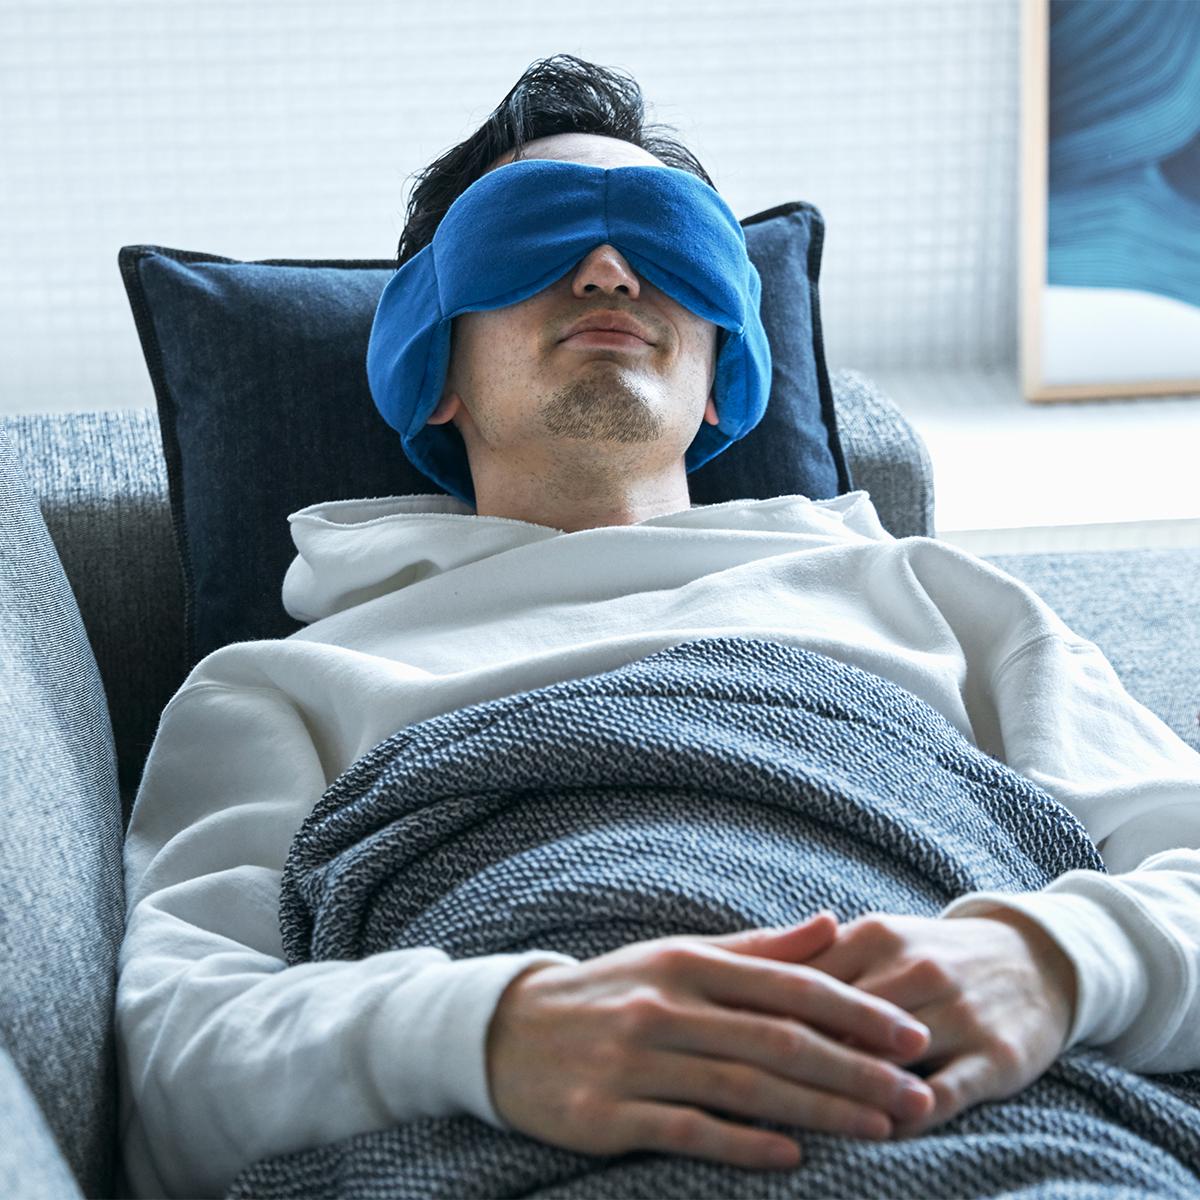 スマホやパソコンに長時間向き合い、どんより疲れた目元の力を自然と緩めてくれる新感覚のスリープマスク。目の上に乗せるだけ、穏やかな重みで夢の世界へ。寝返りを打ってもズレにくい「スリープマスク」|nodpod(ノッドポッド)